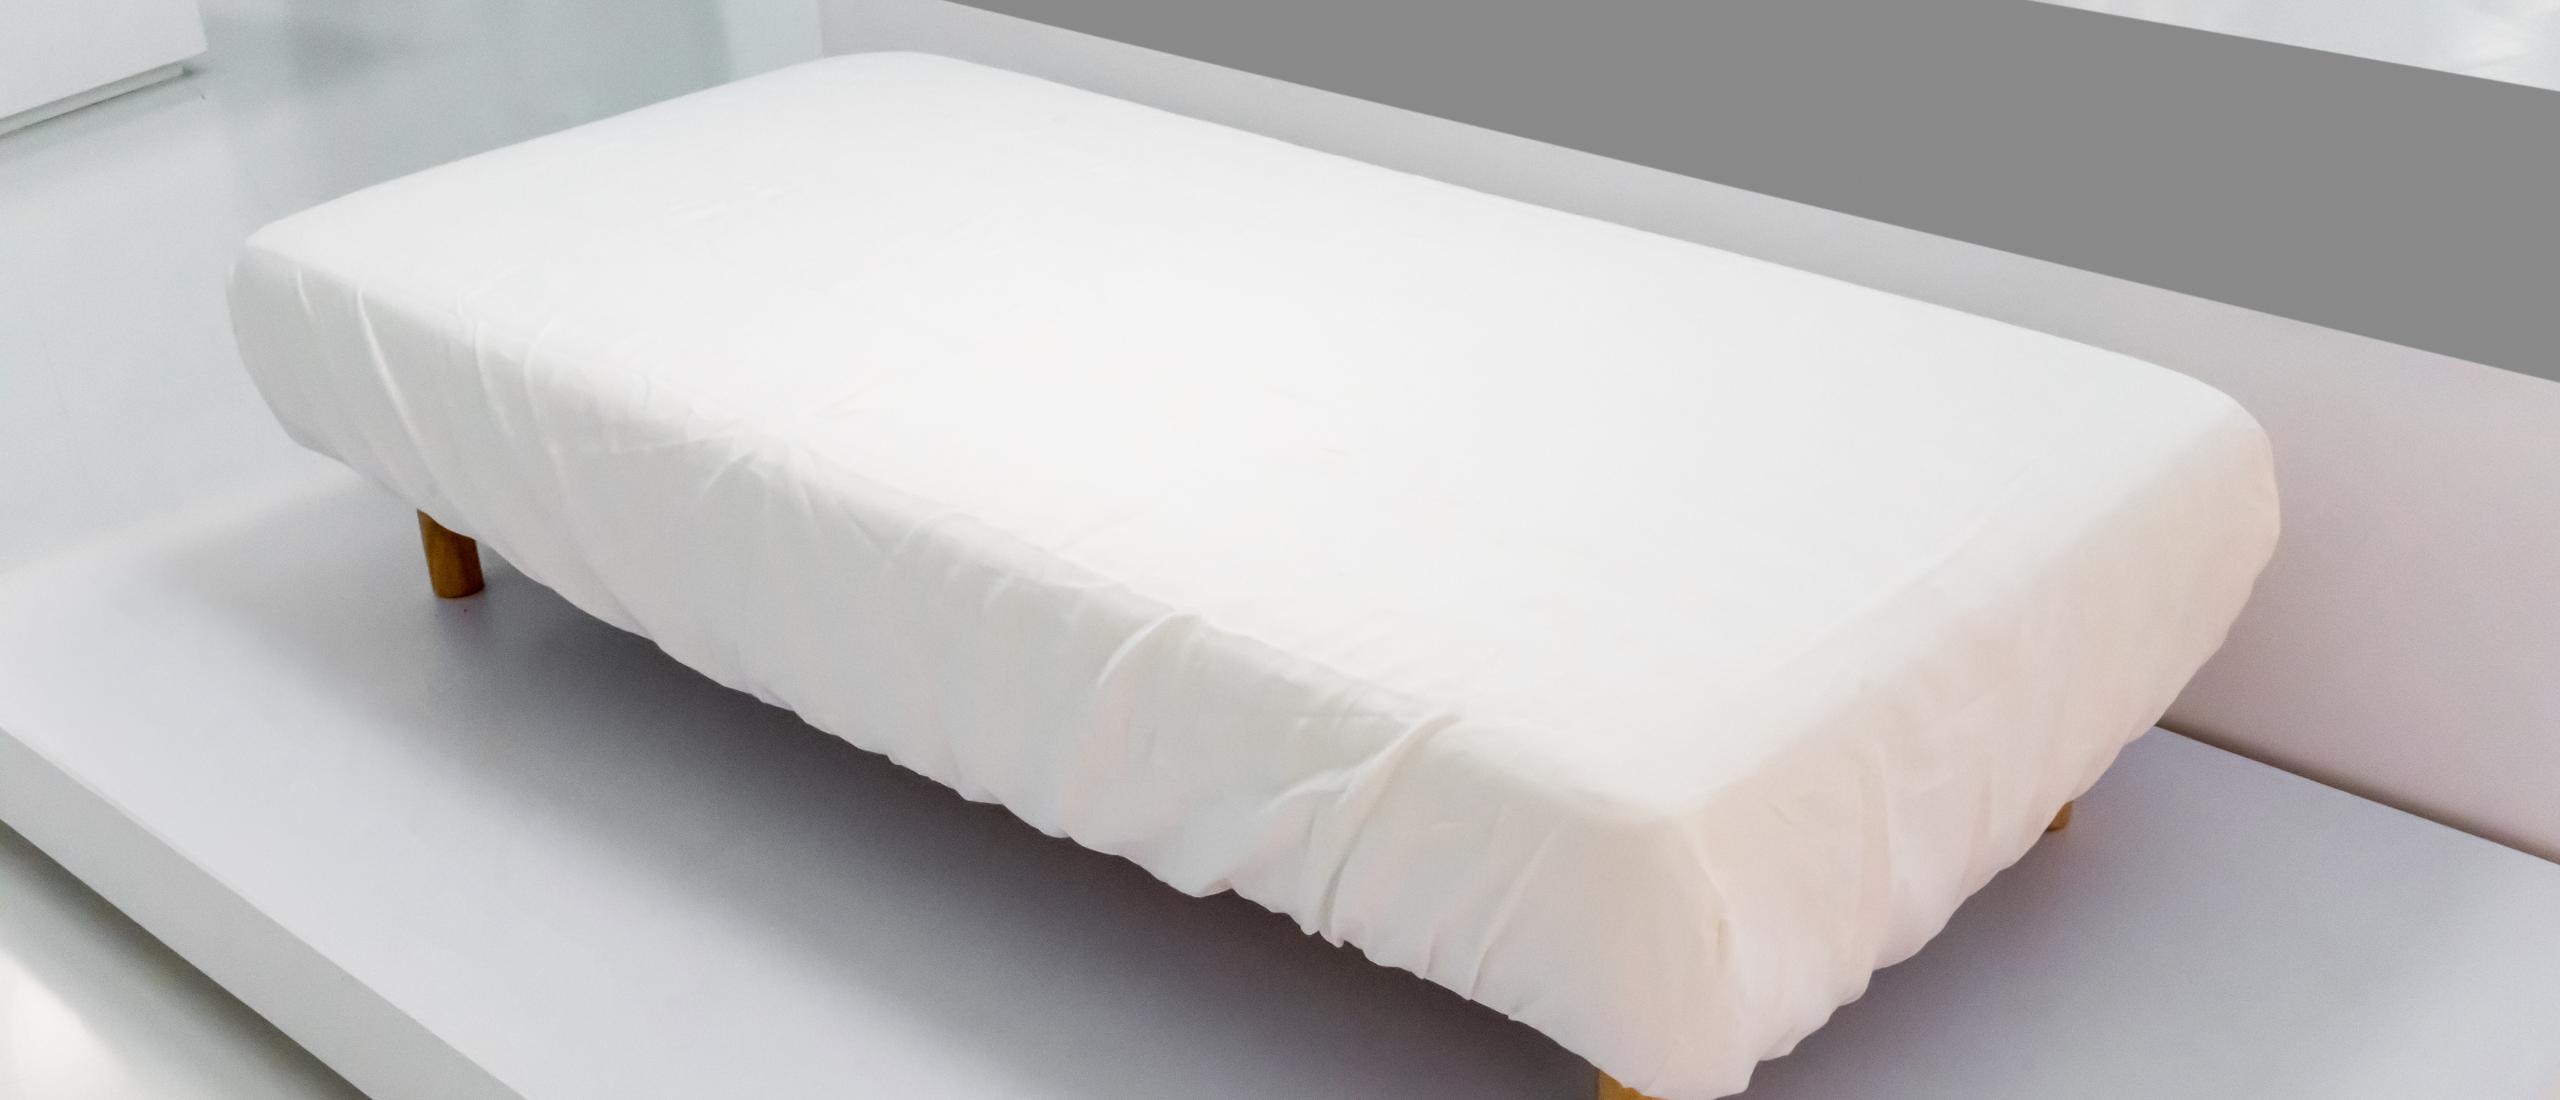 hoeslaken, de bescherming van je matras